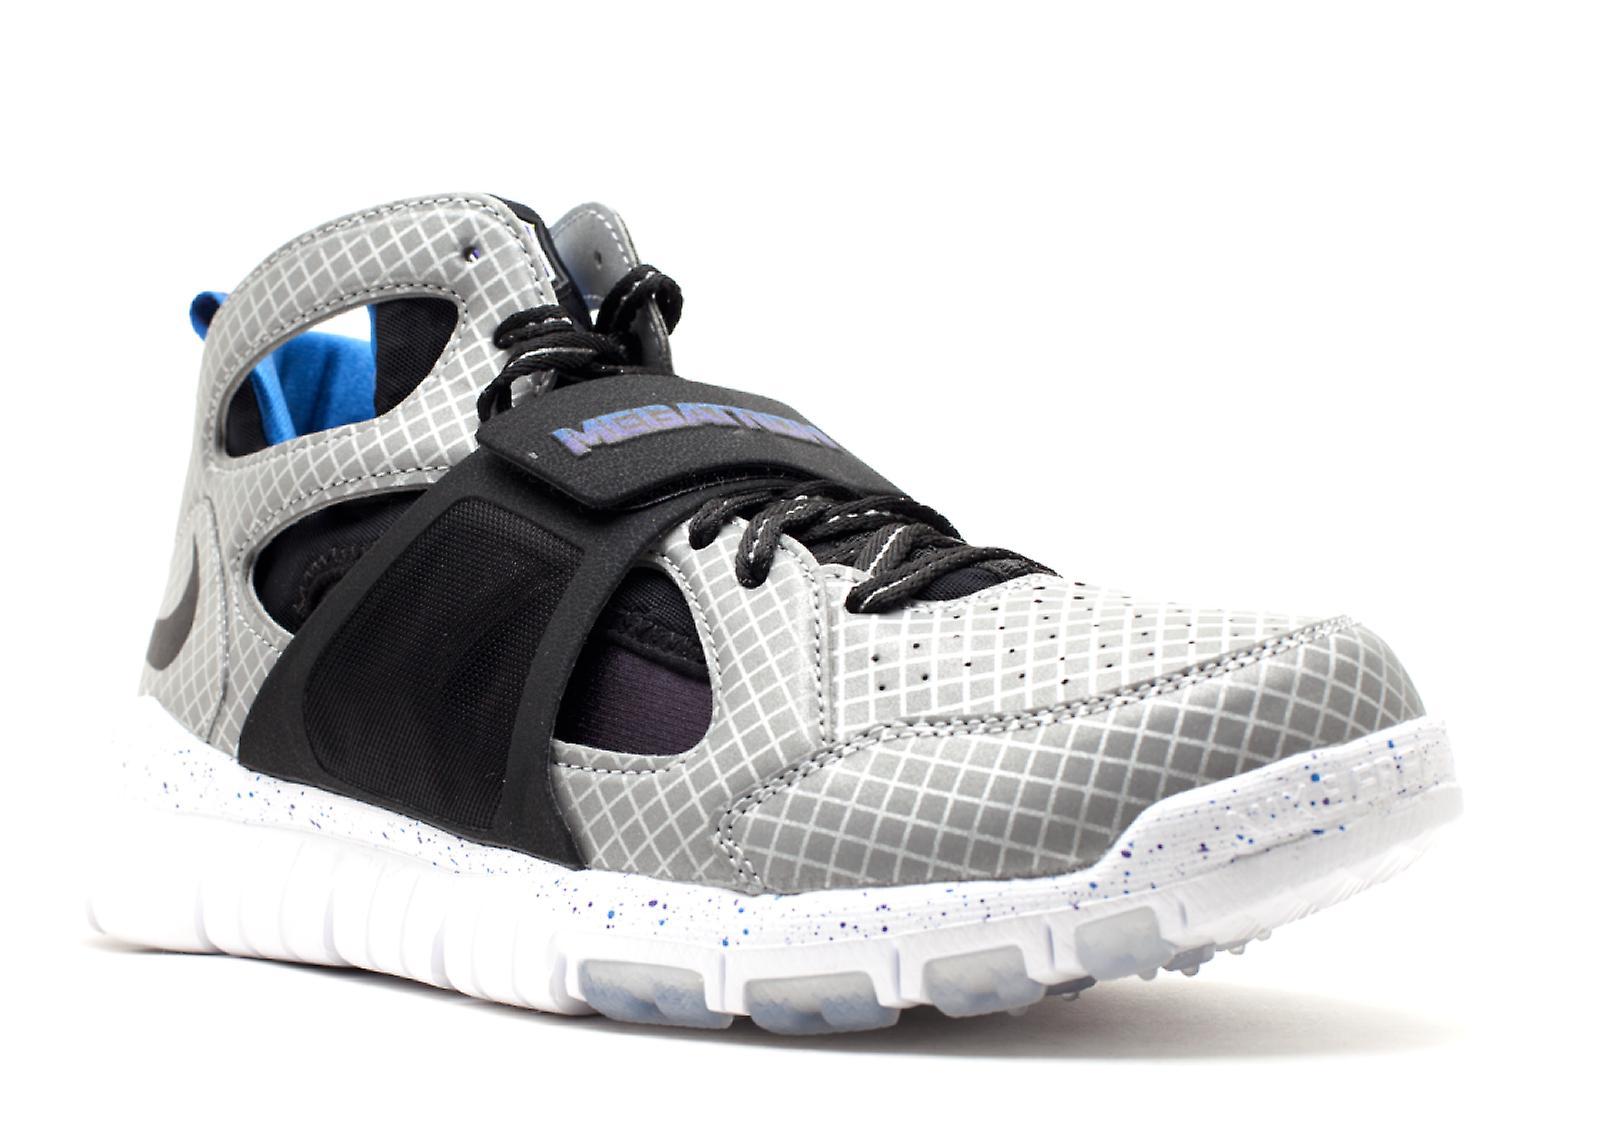 Bouclier de Huarache gratuit Mega  Megatron  - 596632 - 004 - chaussures